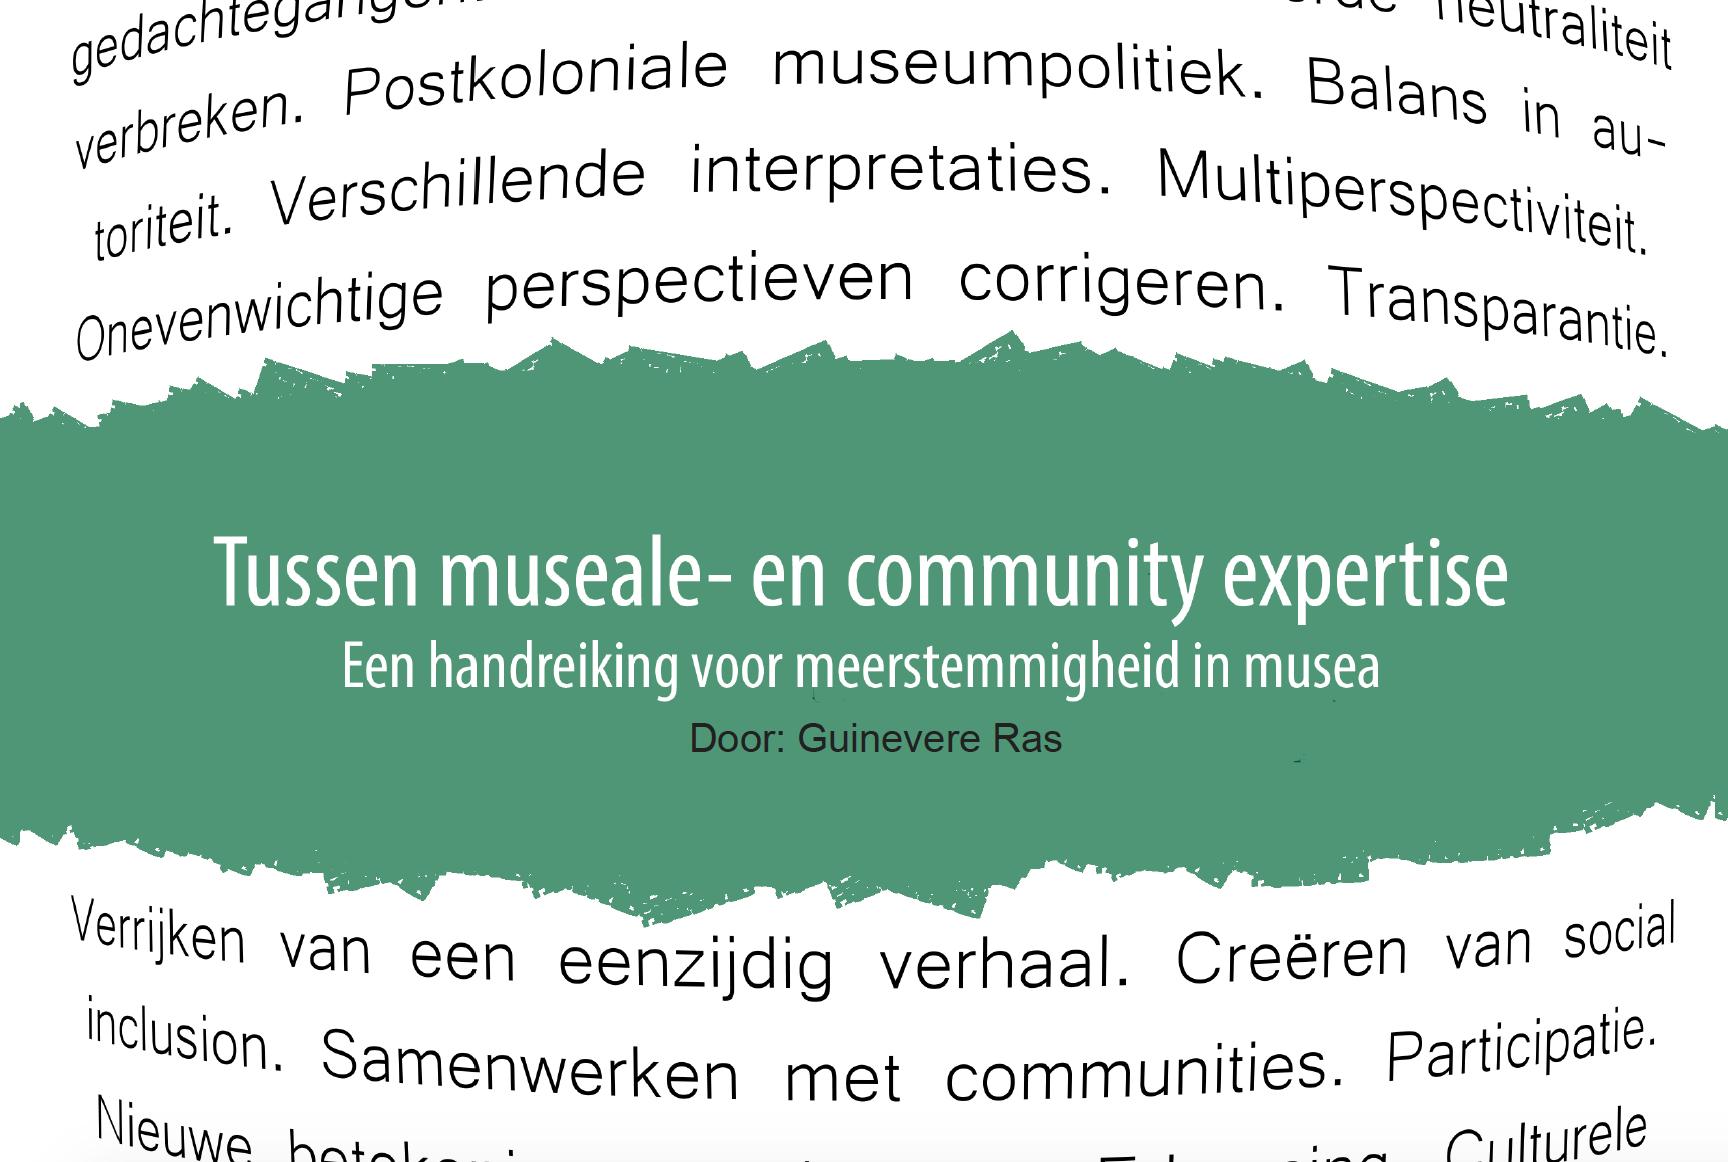 Voorkant Tussen museale- en community expertise: een handreiking voor meerstemmigheid in musea, door Guinevere Ras